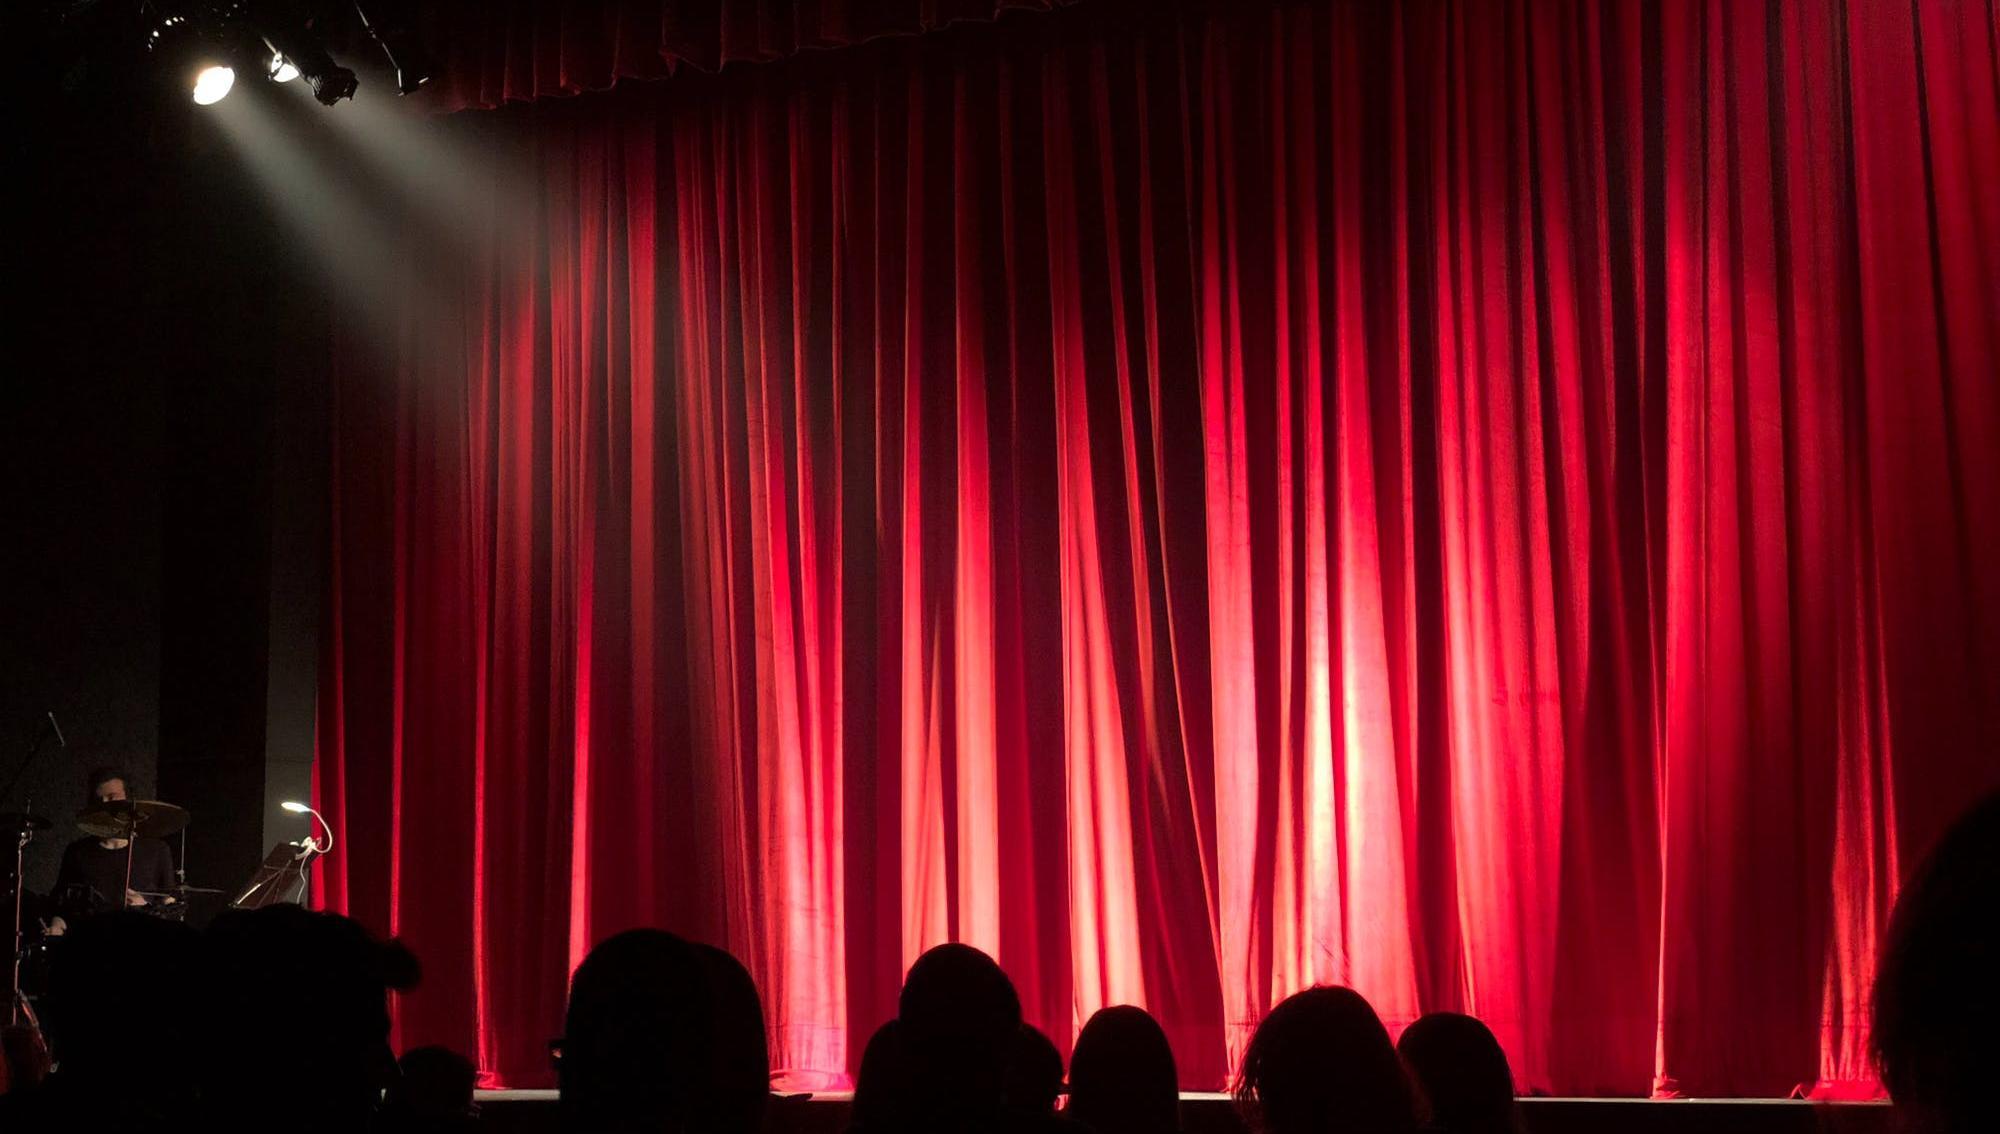 В Тверском театре кукол готовят премьеру – спектакль «Аистенок и Пугало»